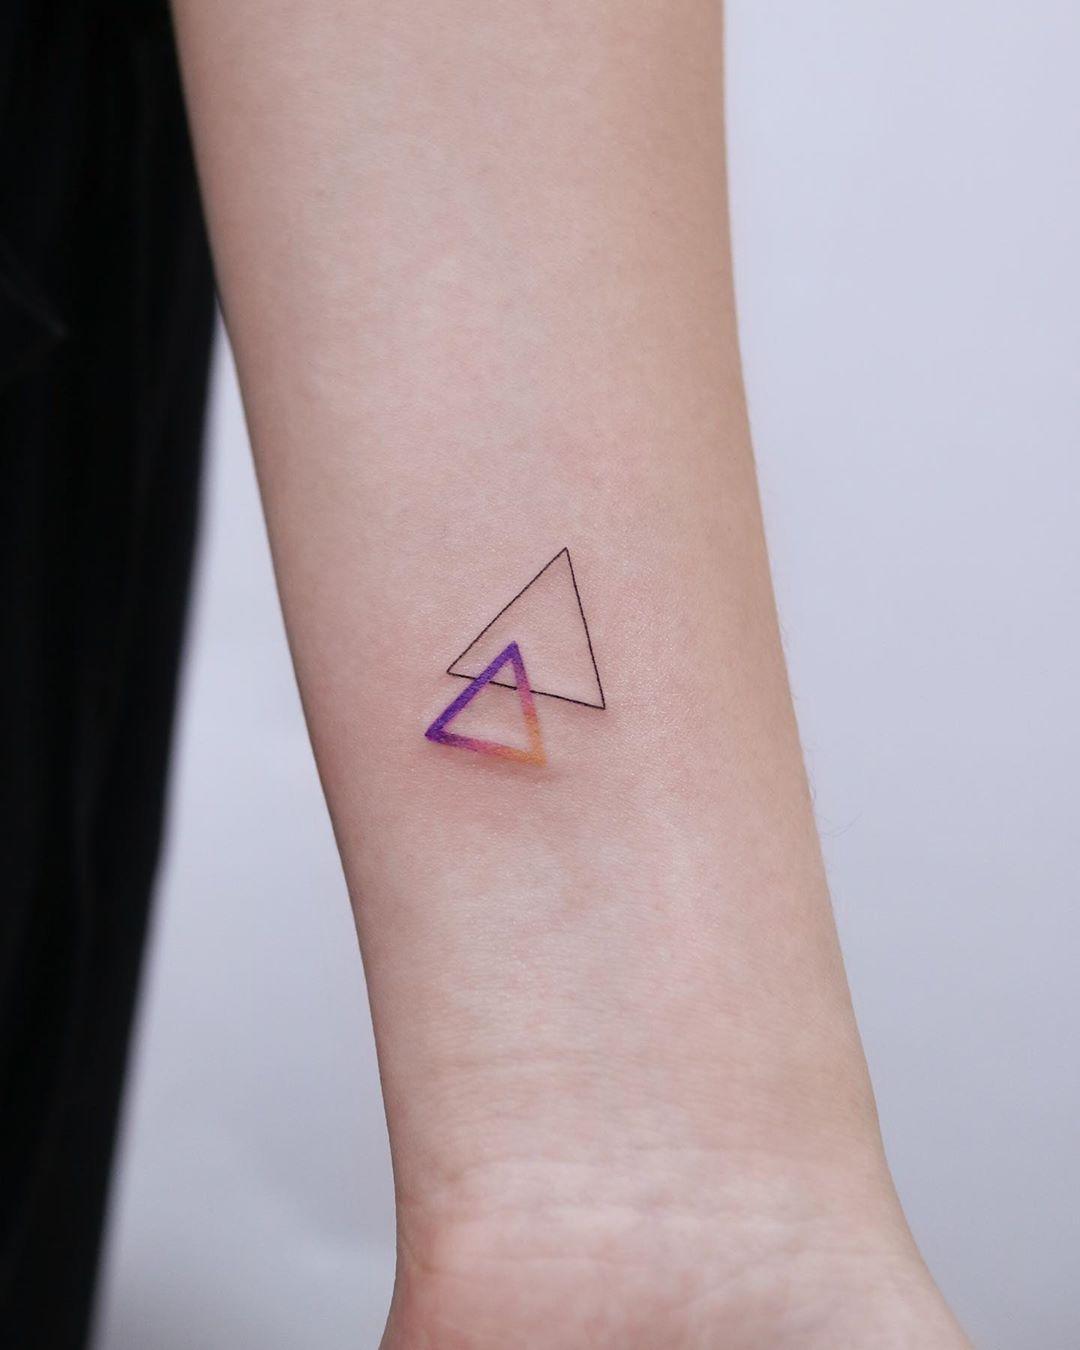 Two triangles by tattooist Nemo